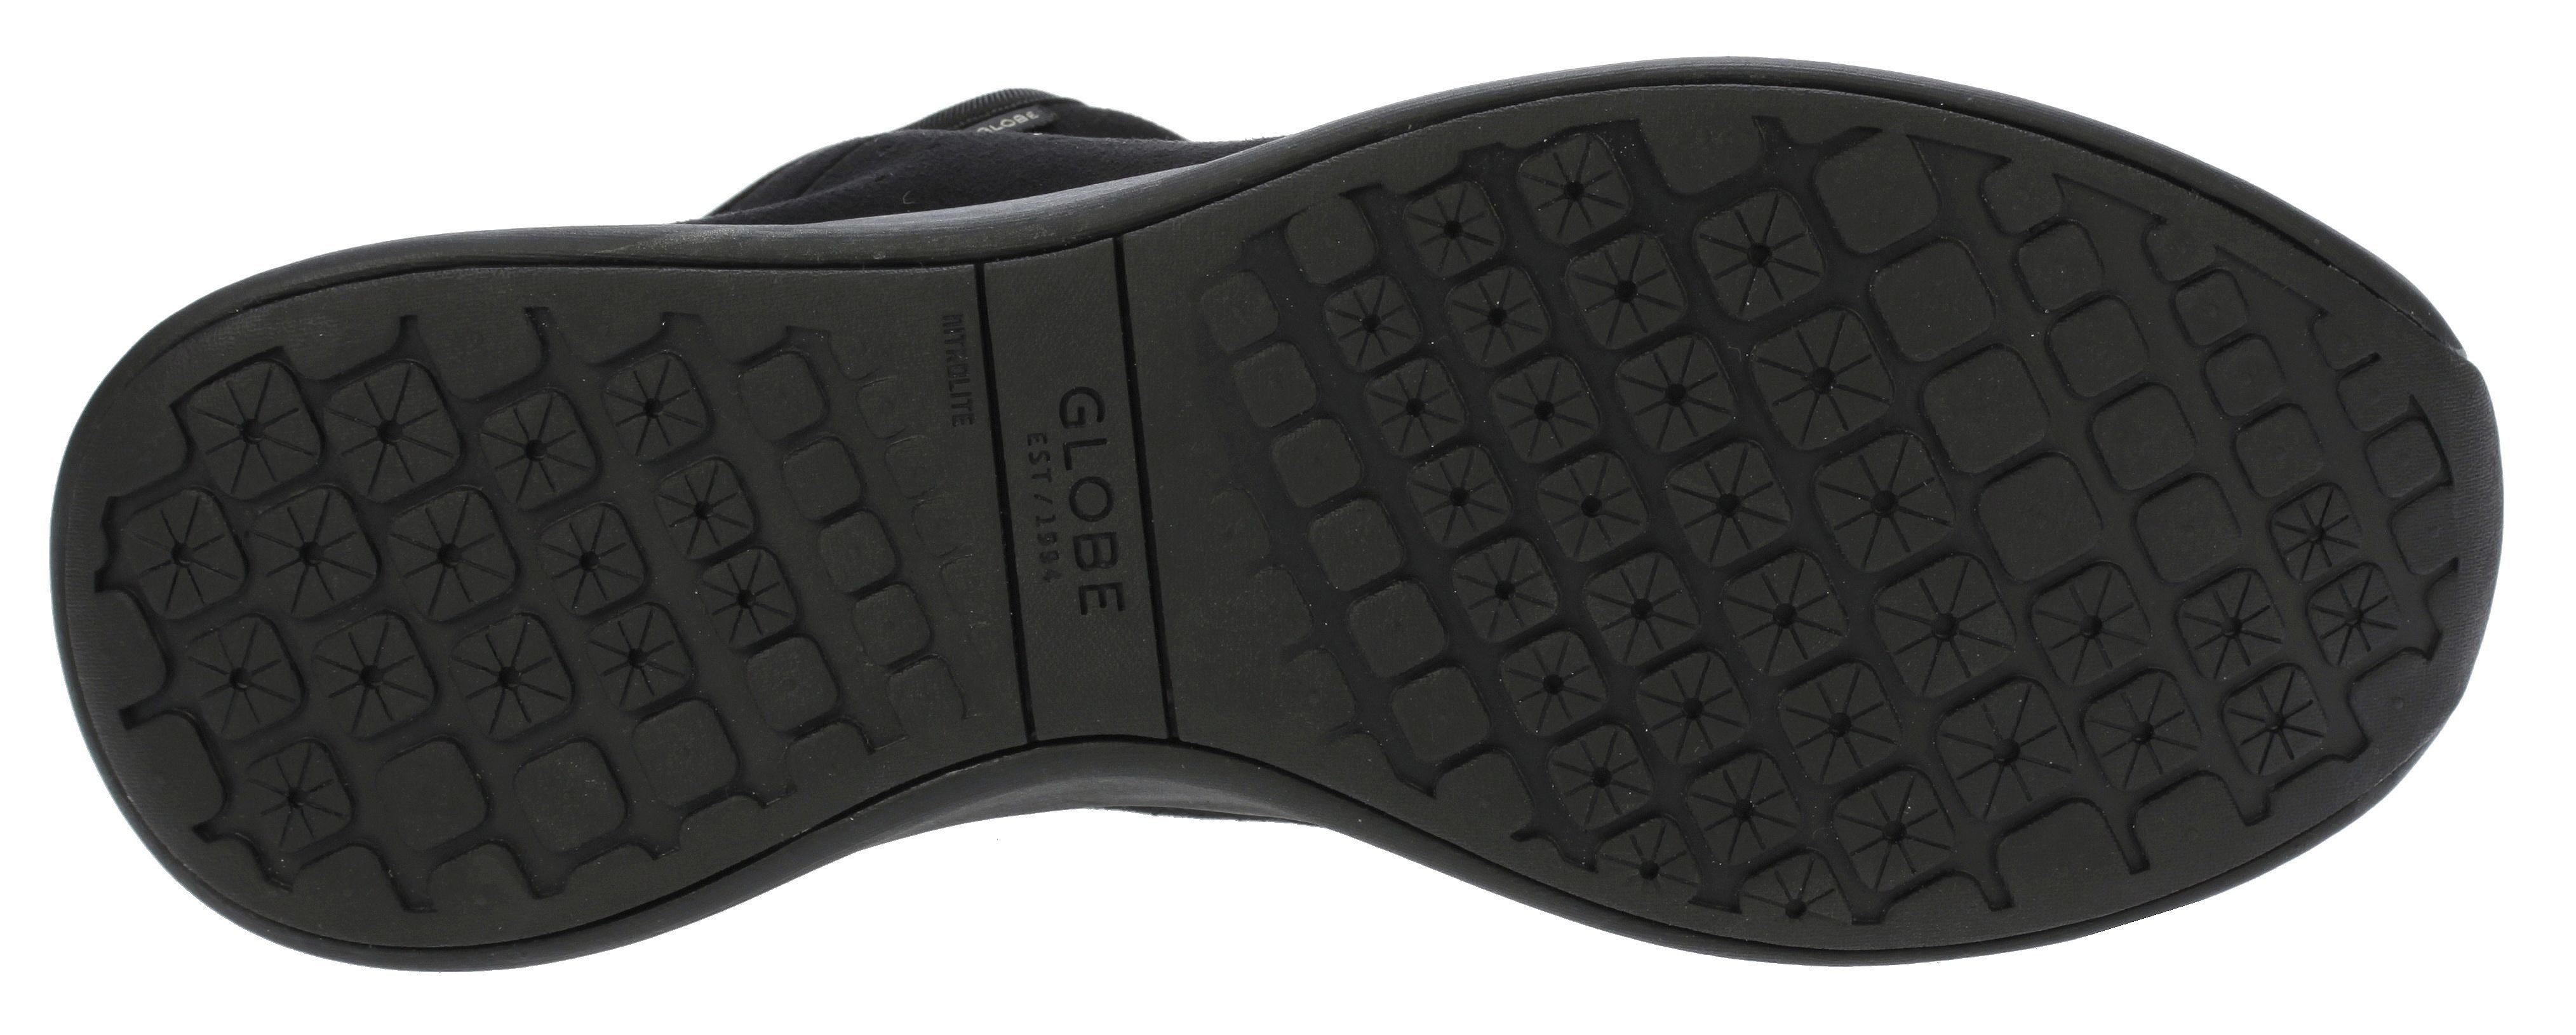 Dc Shoes Online Shop